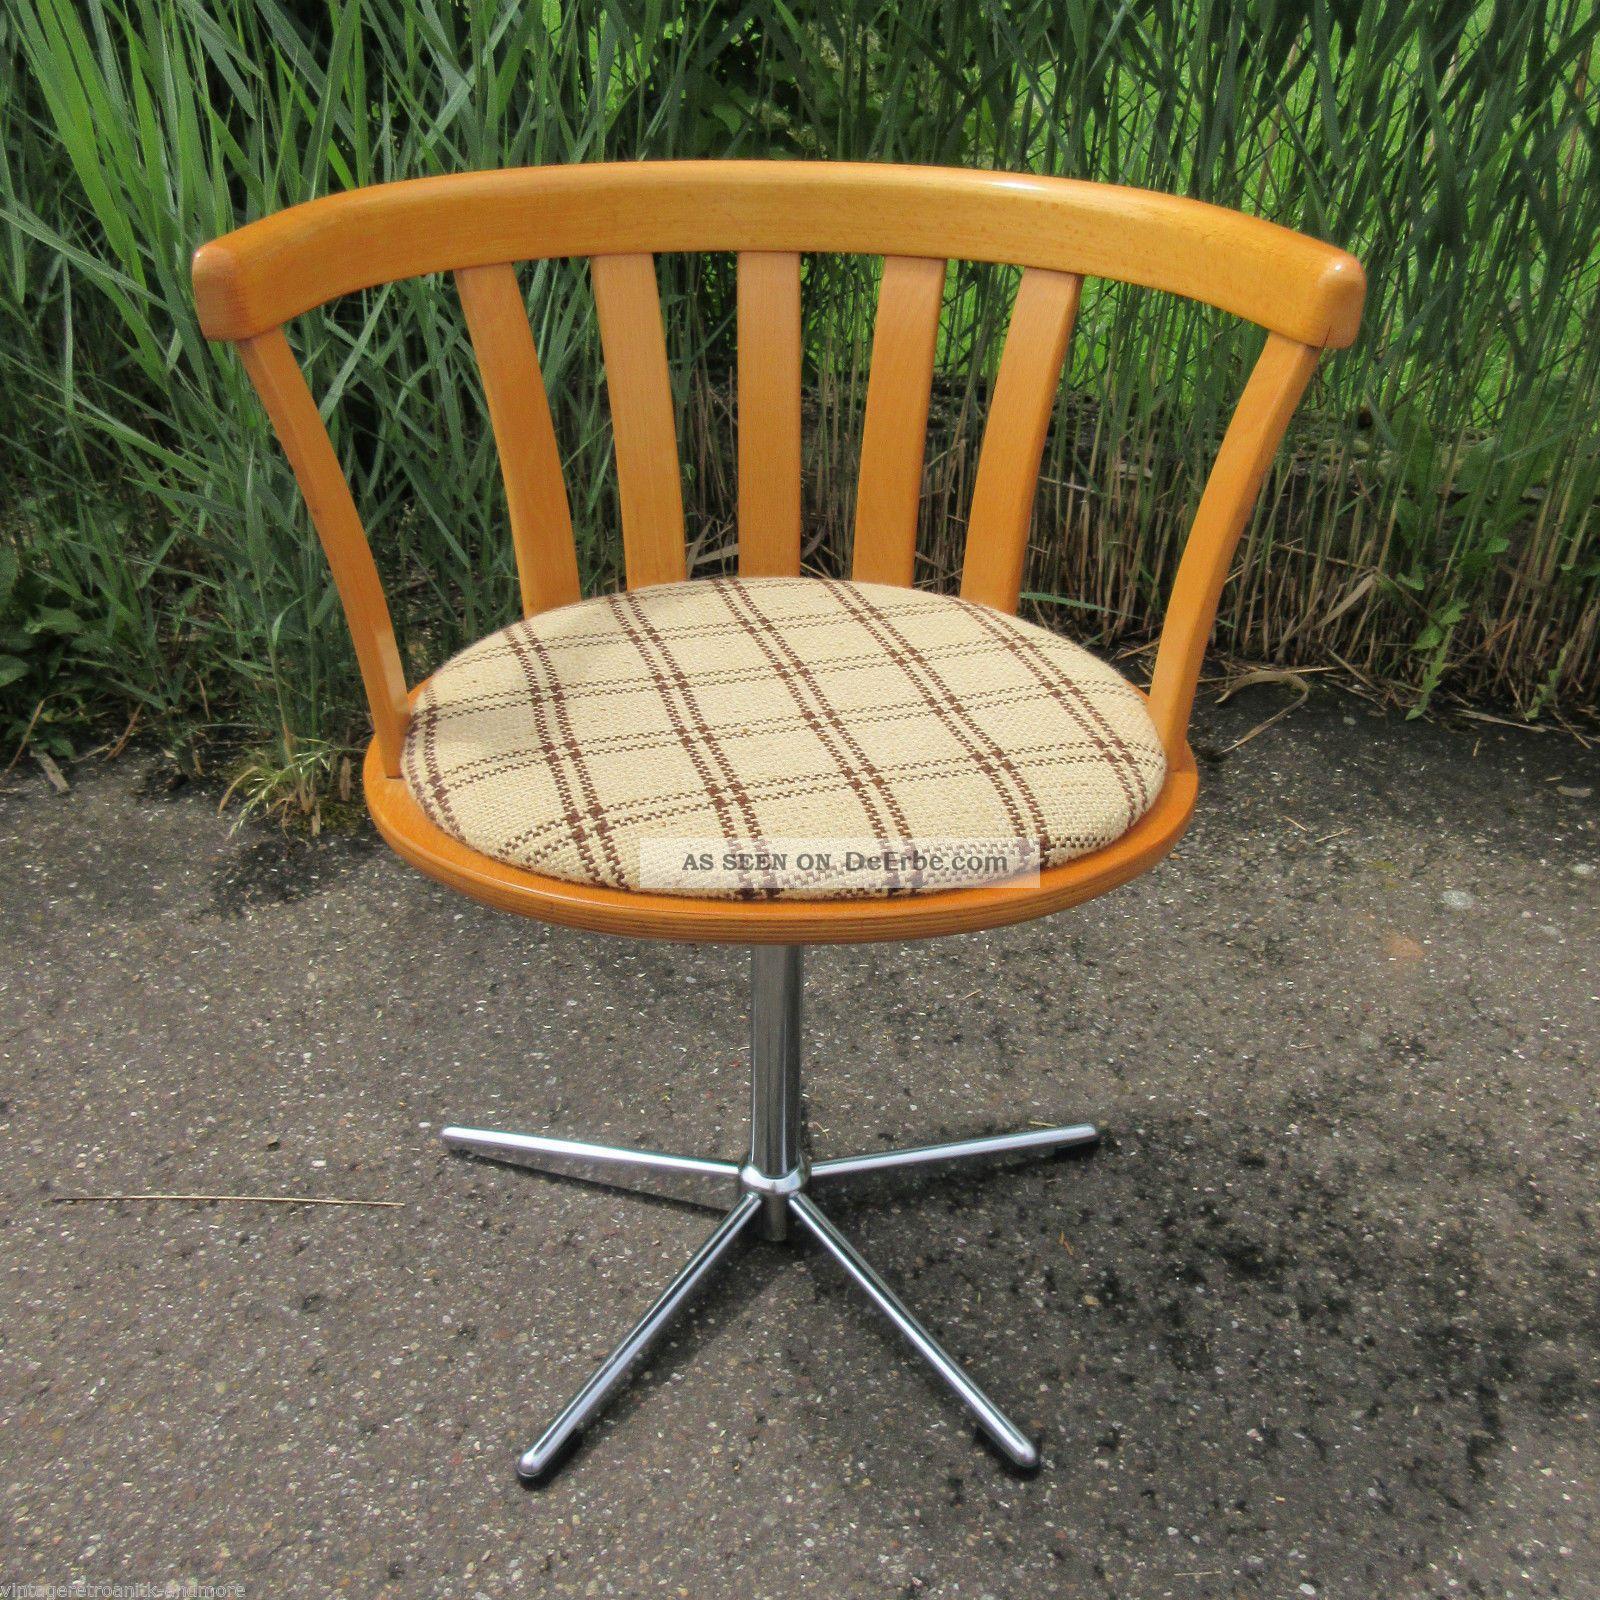 Drehstuhl Schreibtischstuhl 70er Sternfuss Wooden Desk Chair 1970-1979 Bild